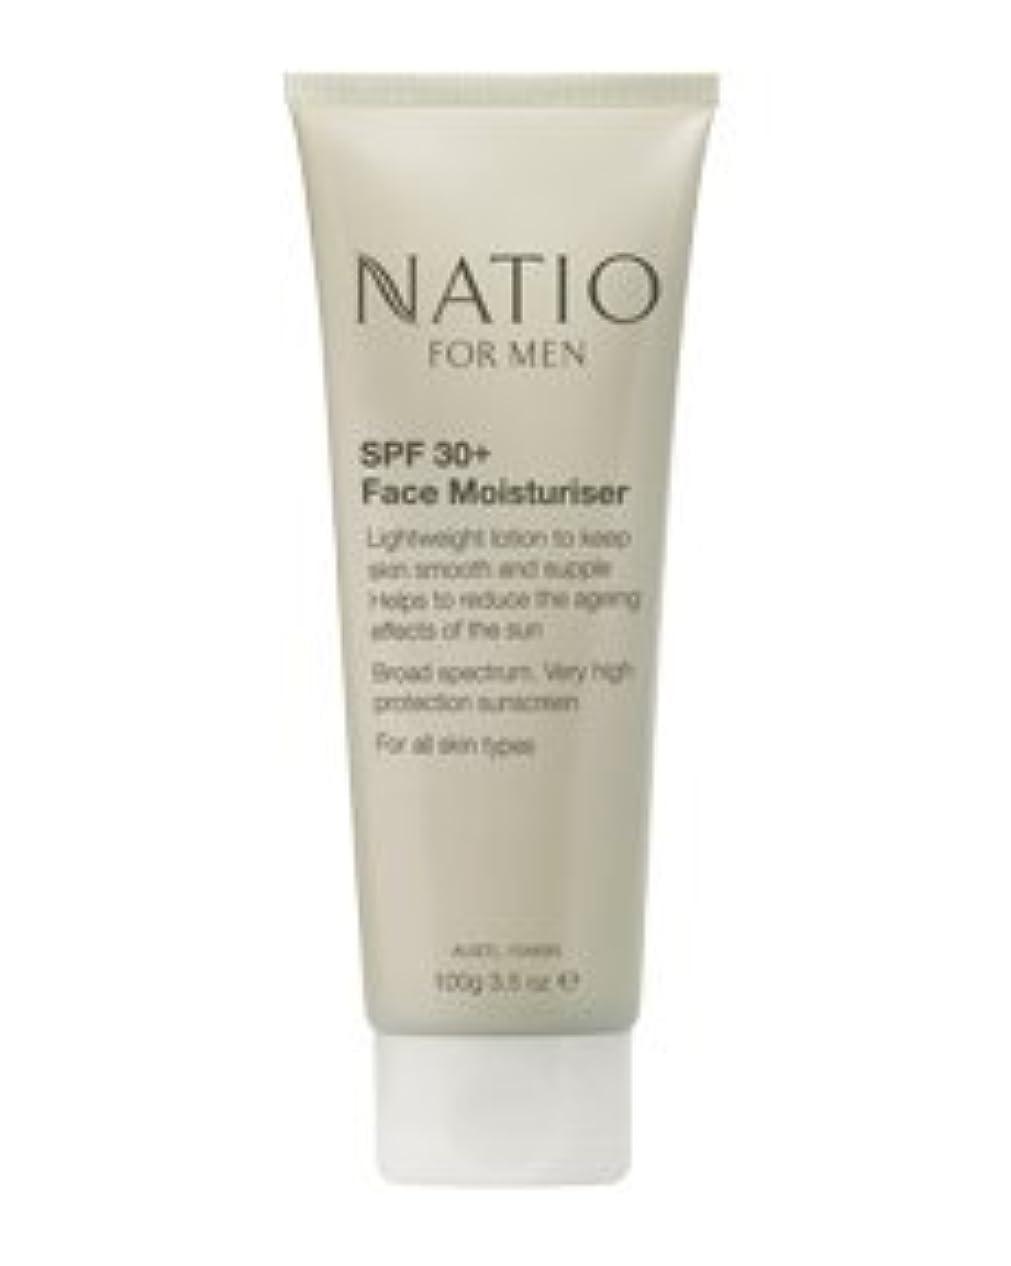 学習者コイルシルク【NATIO FOR MEN SPF 30+ Face Moisturiser】 ナティオ  SPF 30+ フェイス モイスチャライザー [海外直送品]